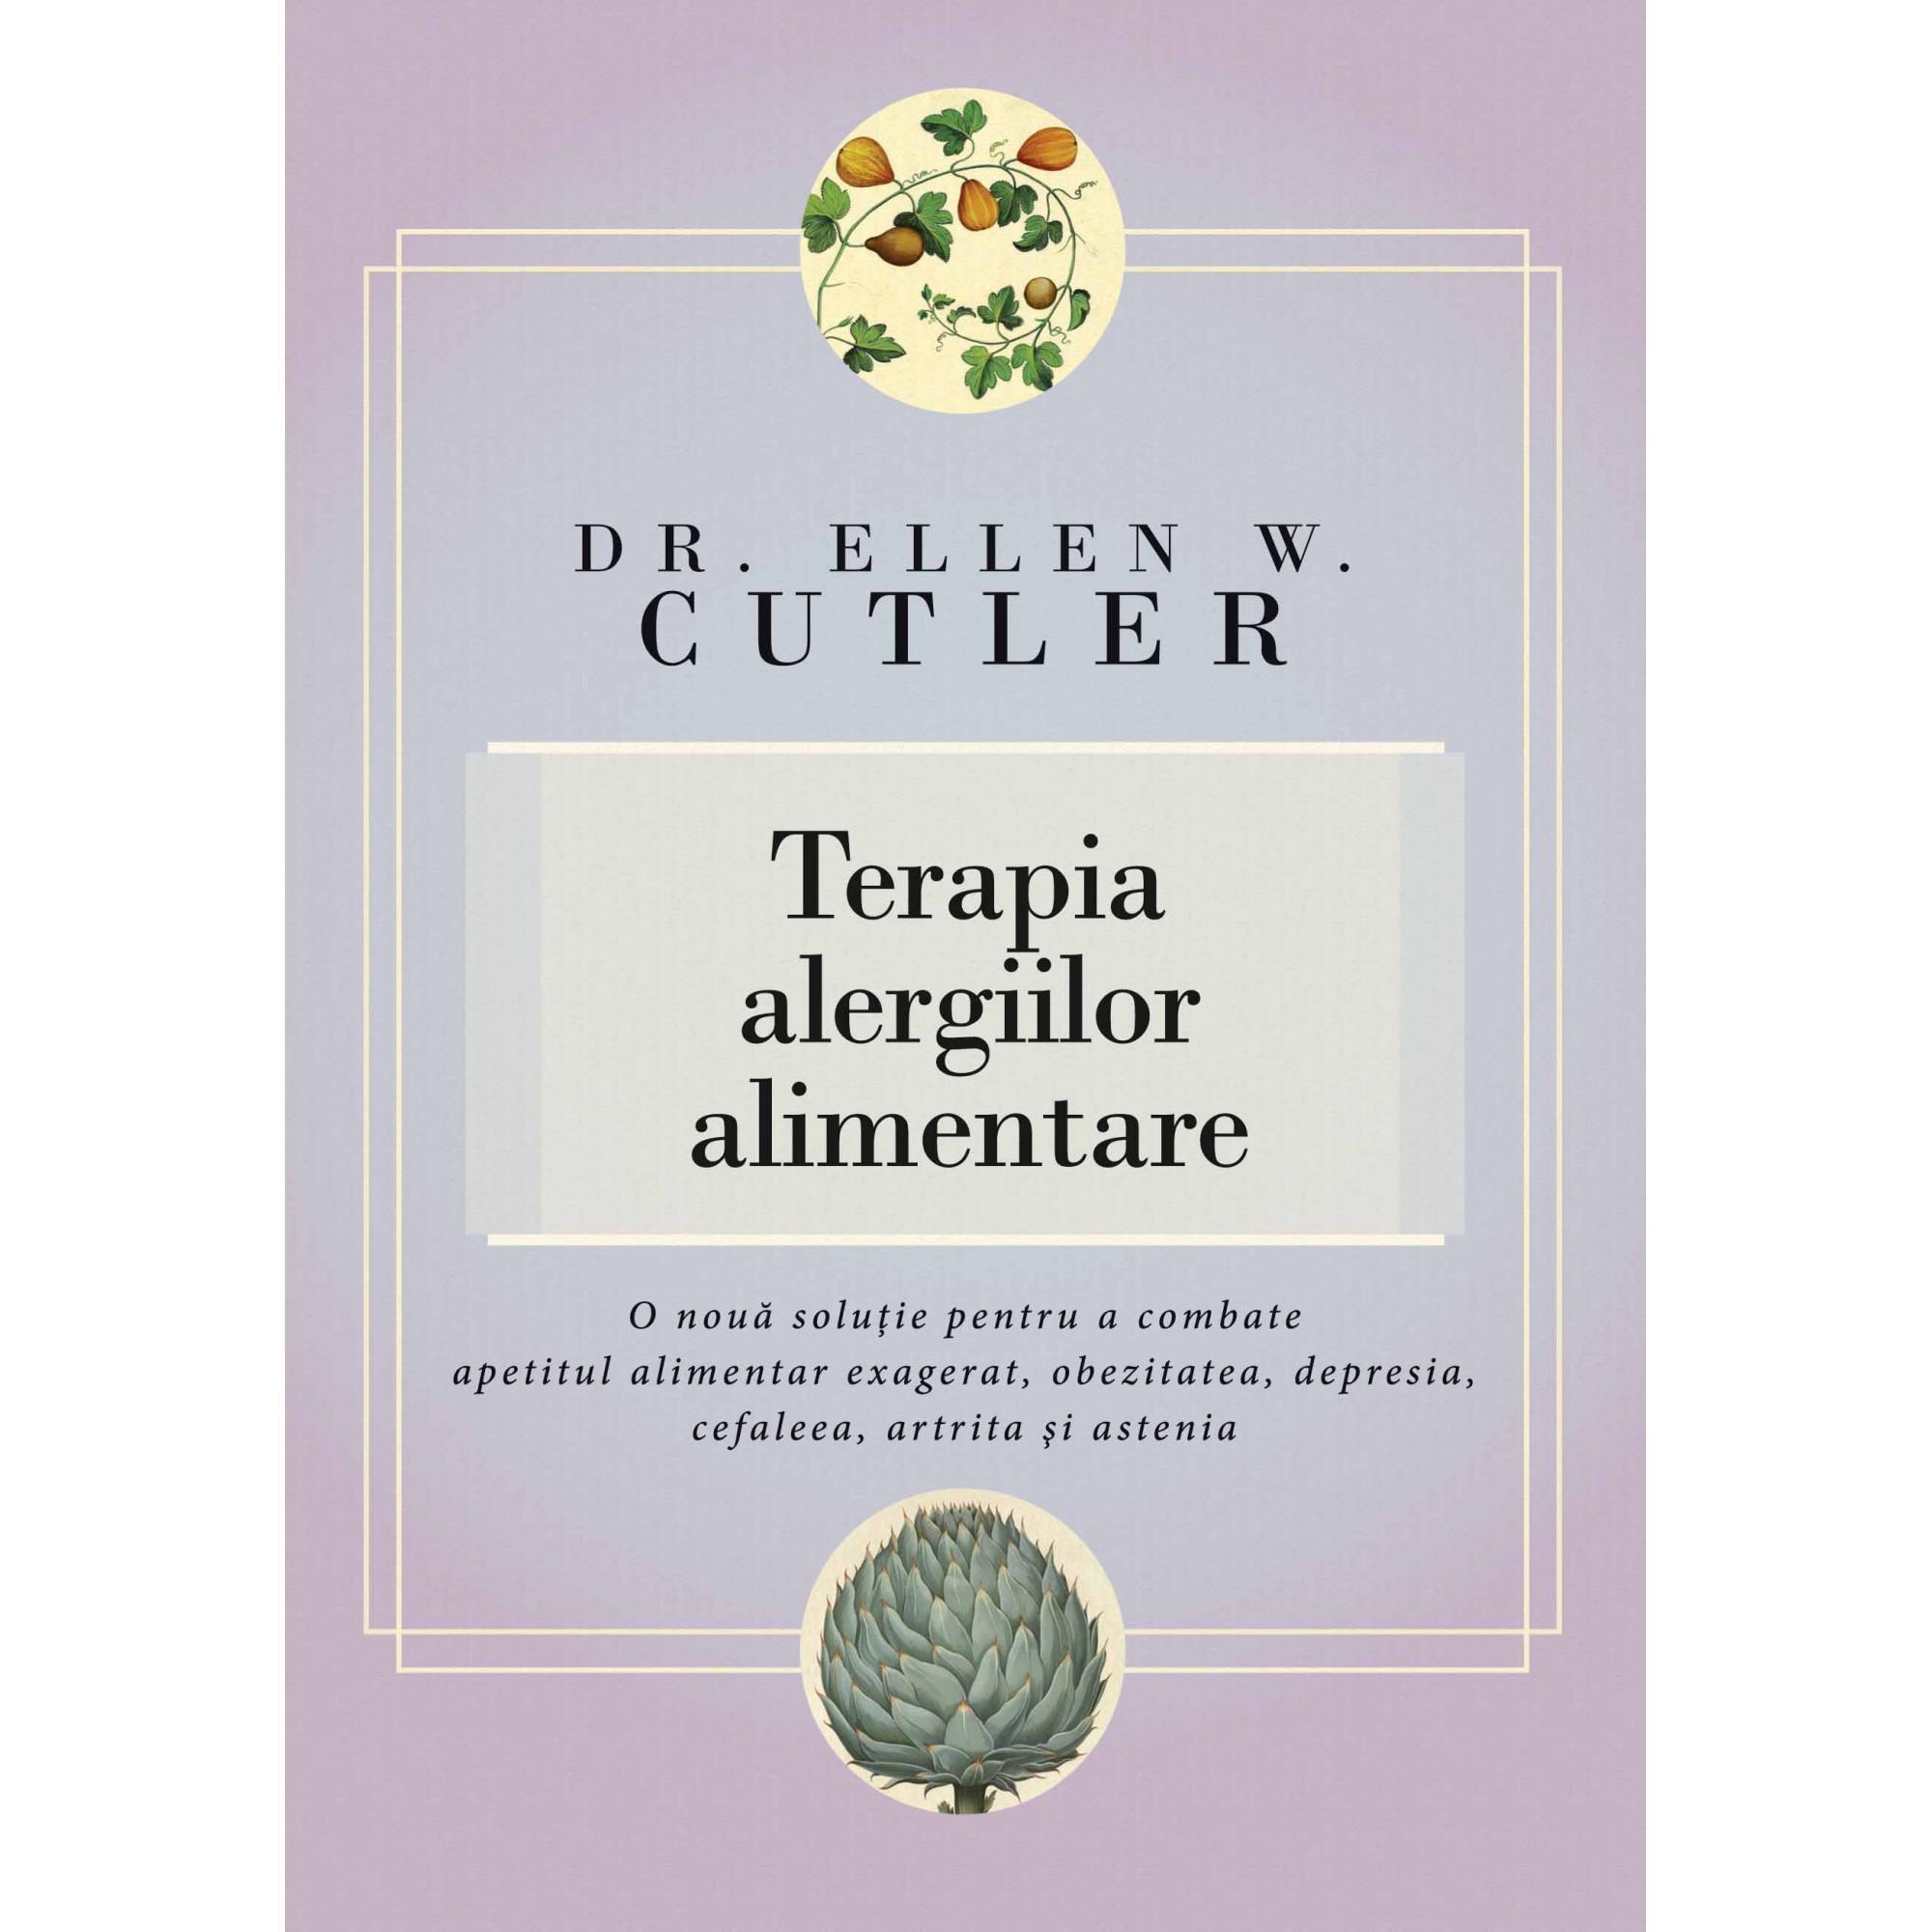 Terapia alergiilor alimentare. O nouă soluţie pentru a combate apetitul alimentar exagerat, obezitatea, depresia, cefaleea, artrita şi astenia; Dr. Ellen W. Cutler